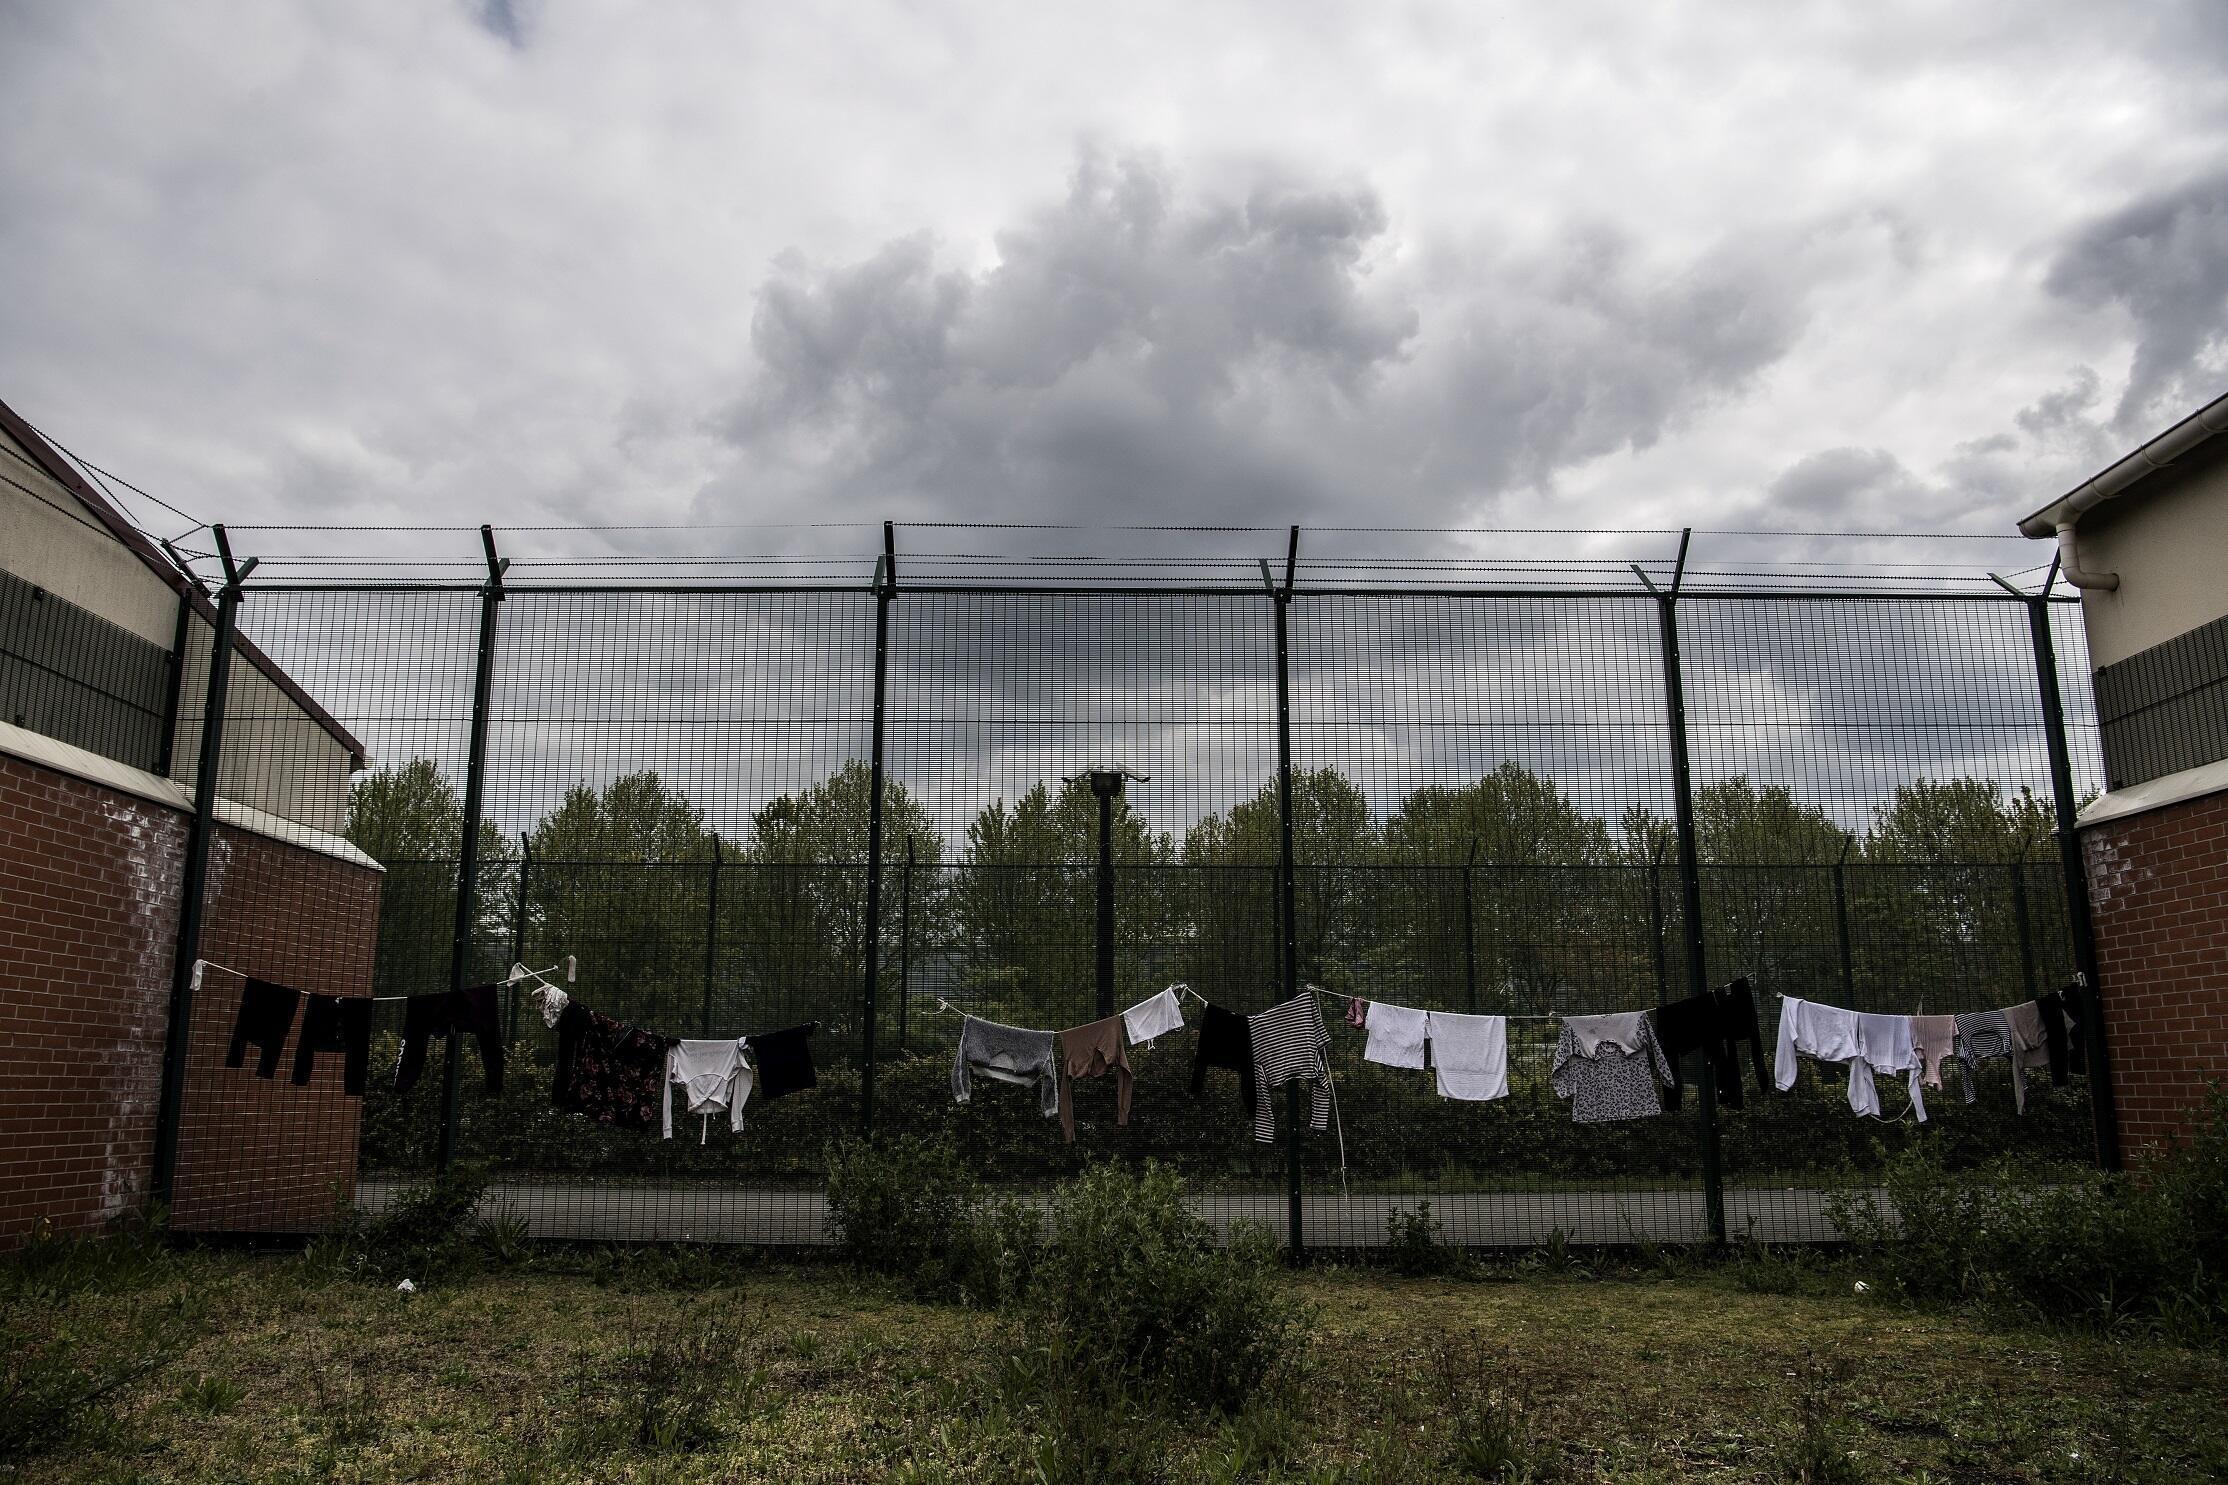 Du linge étendu dans la cour d'un centre de rétention administrative au Mesnil-Amelot, au nord de Paris, le 6 mai 2019 (photo d'illustration).